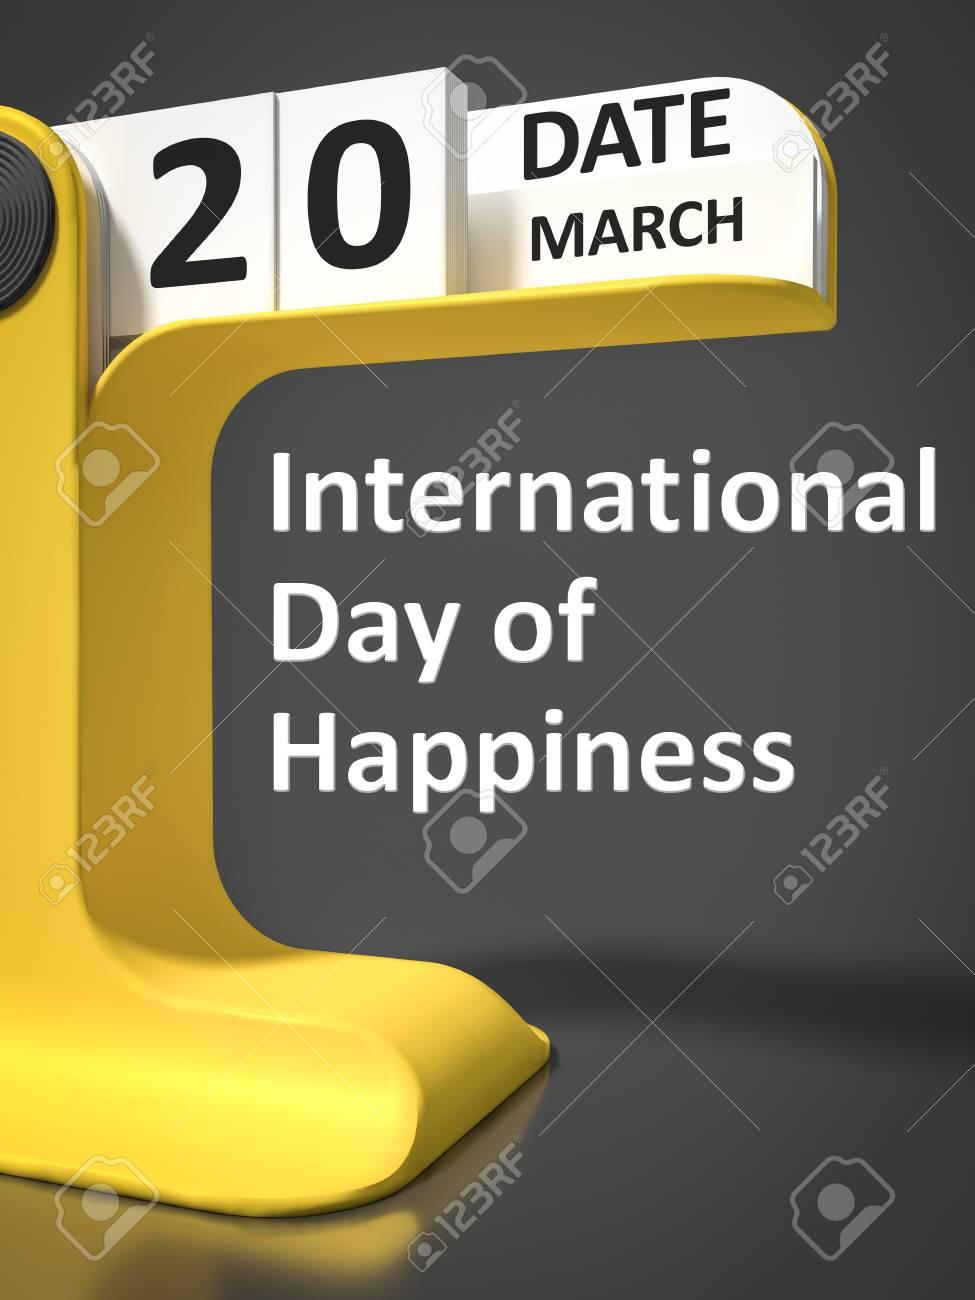 Calendario Internazionale.Vintage Calendario Giornata Internazionale Della Felicita 20 Marzo